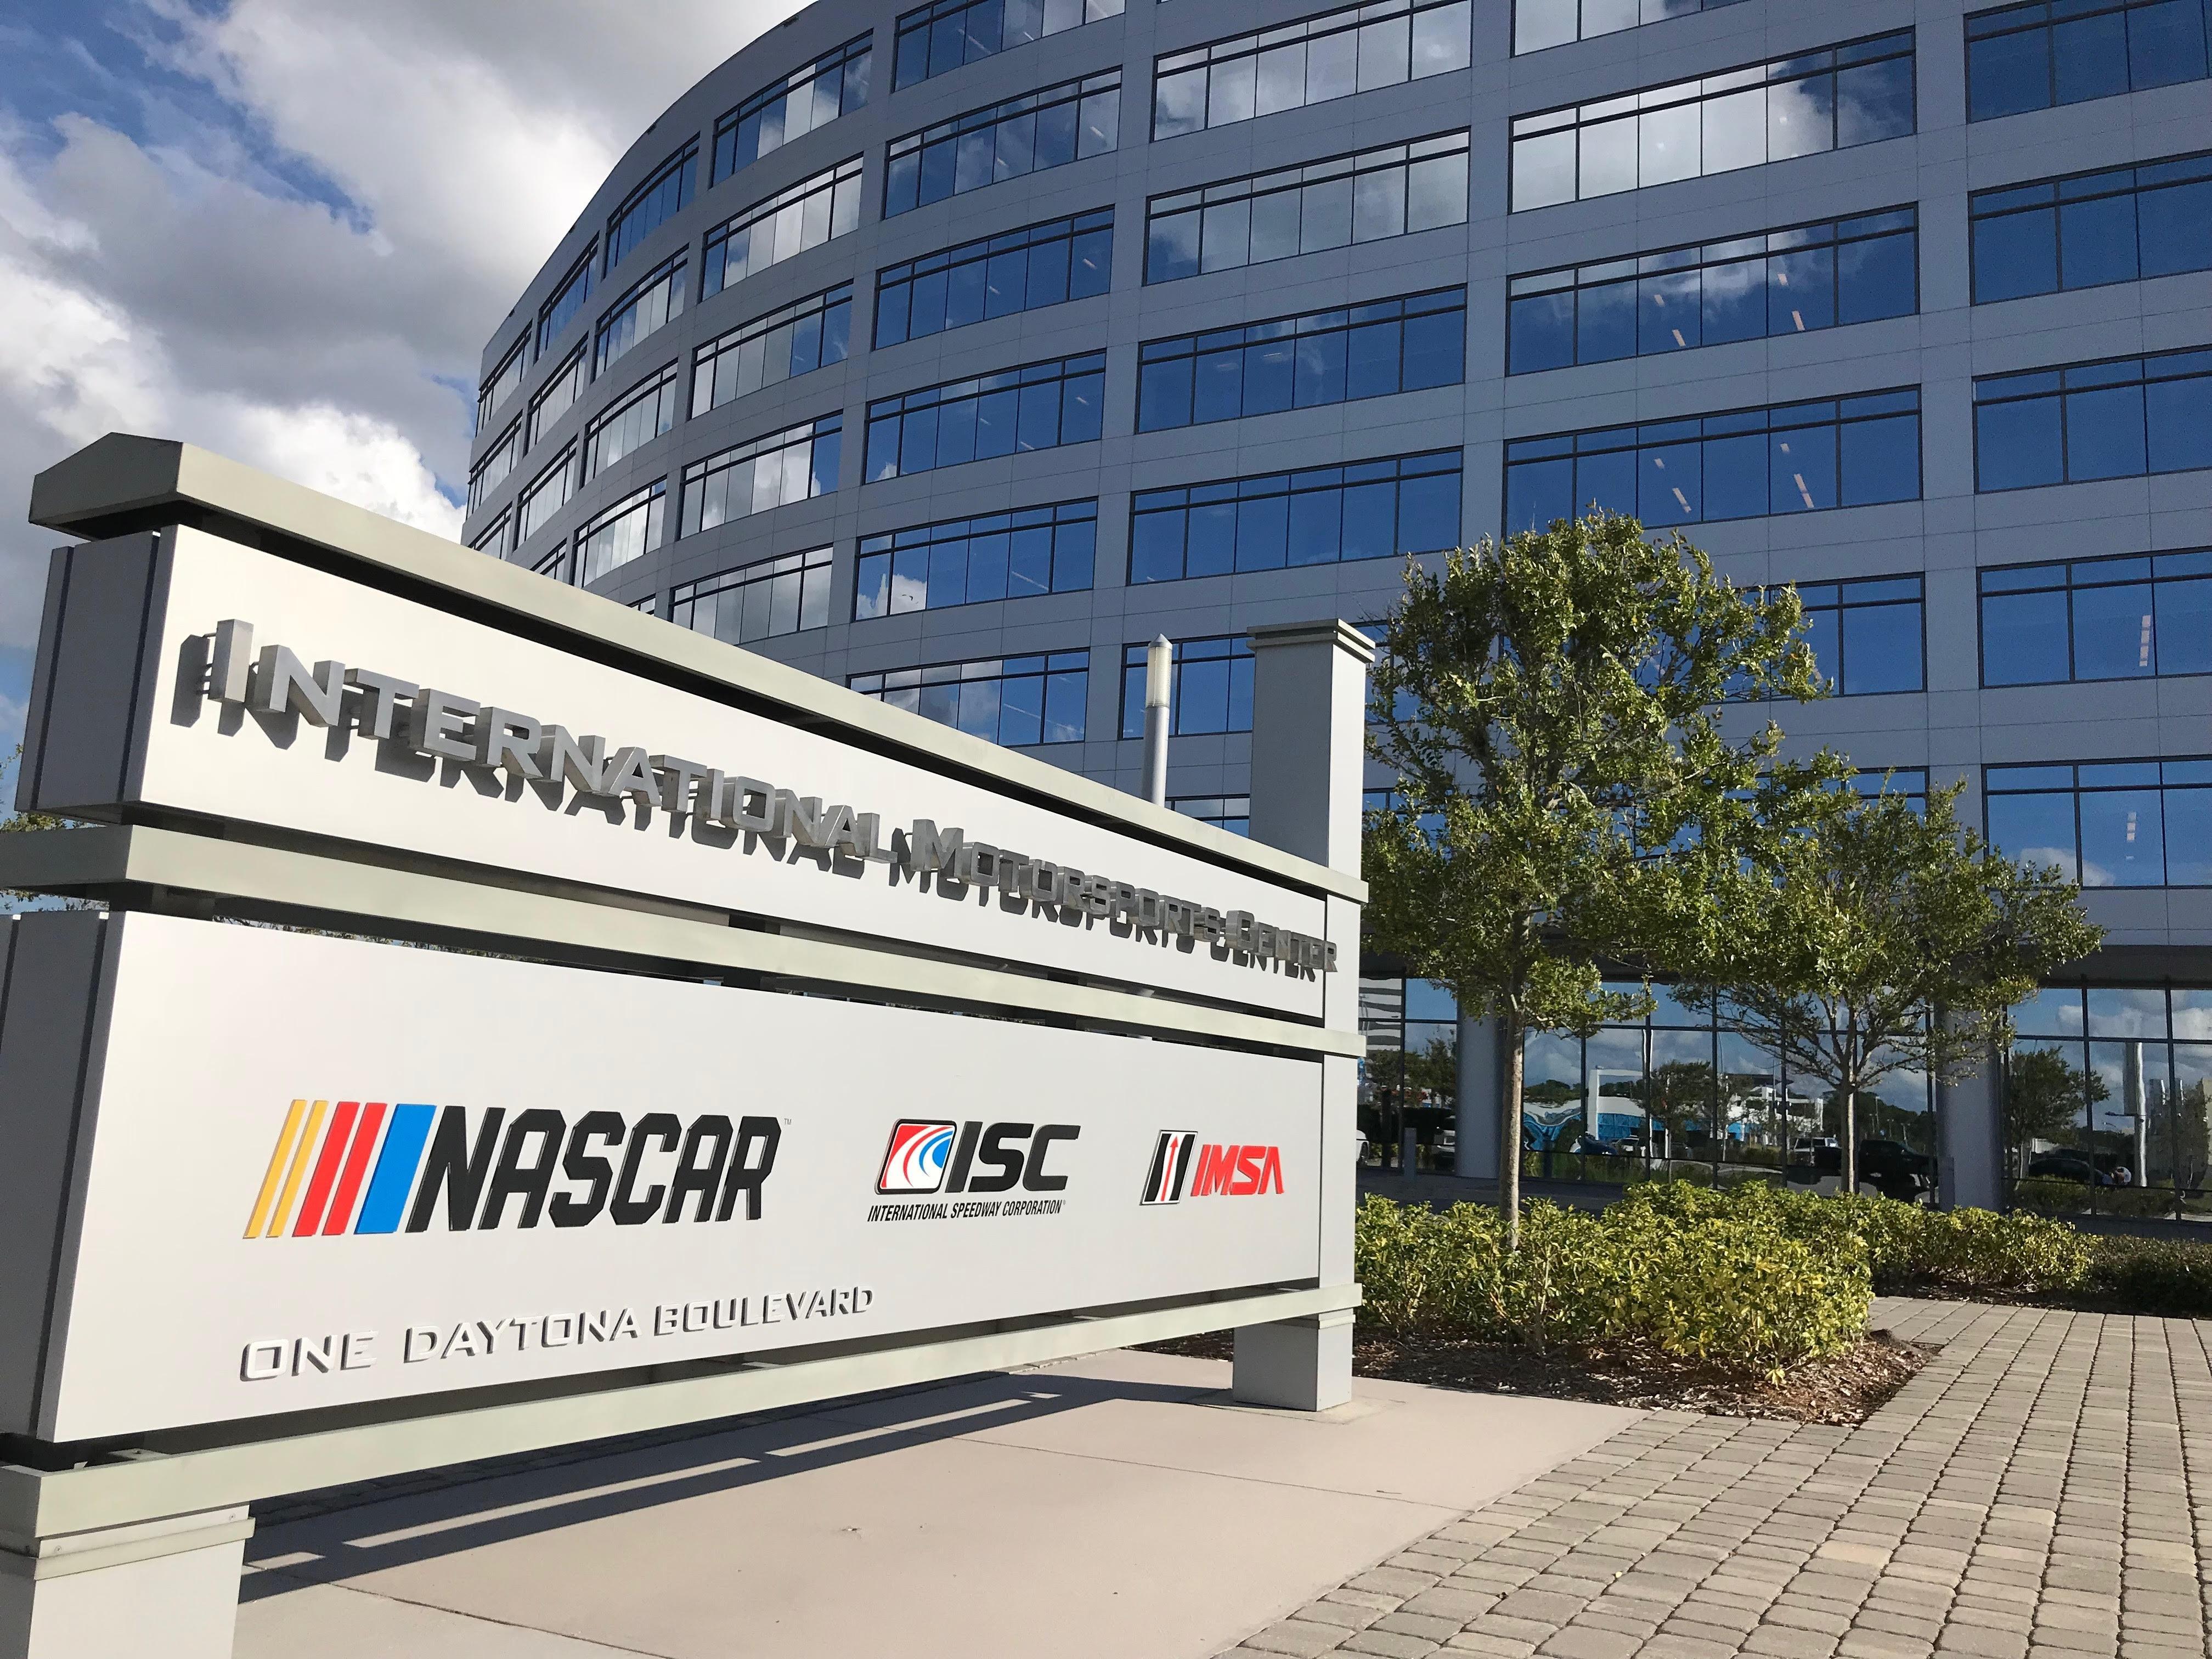 NASCAR-ISC merger set for Oct. 18 – News – Daytona Beach News-Journal